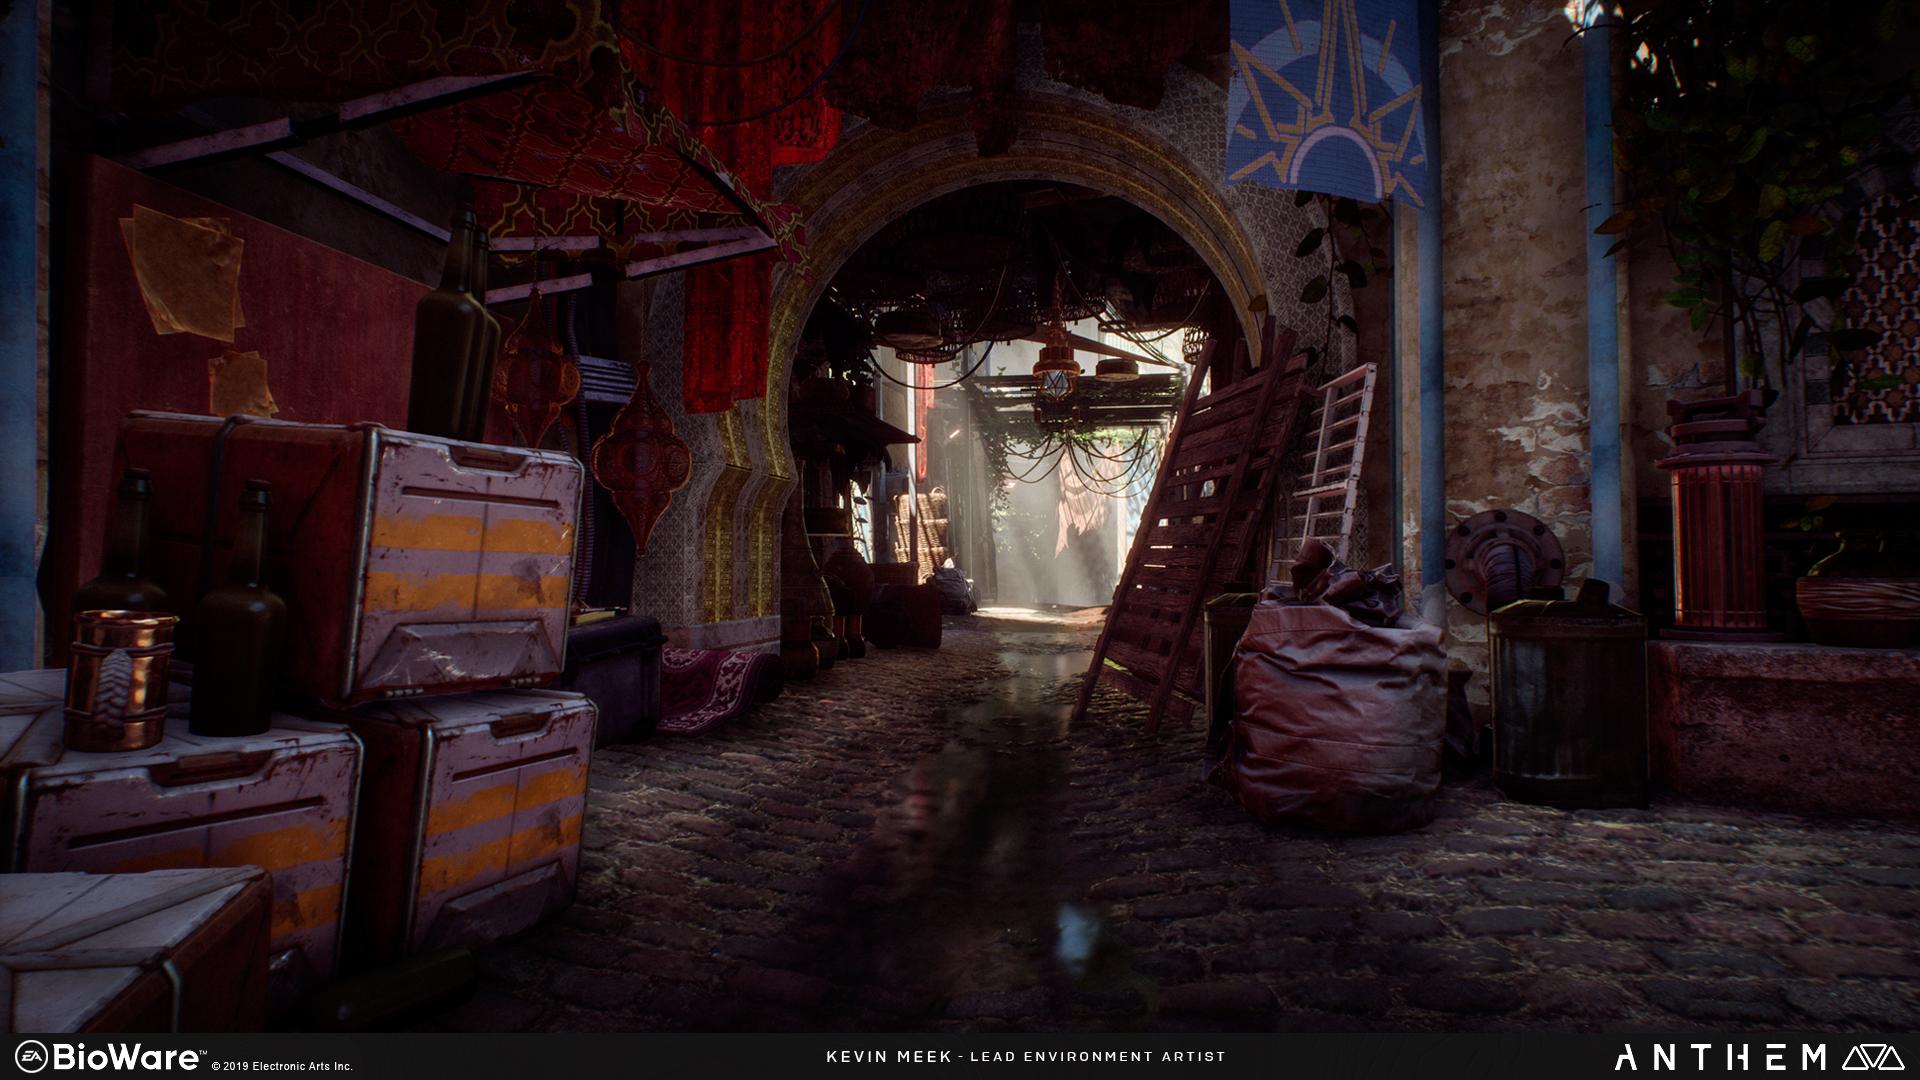 kevin-meek-kmeek-tarsis-alley-02.jpg